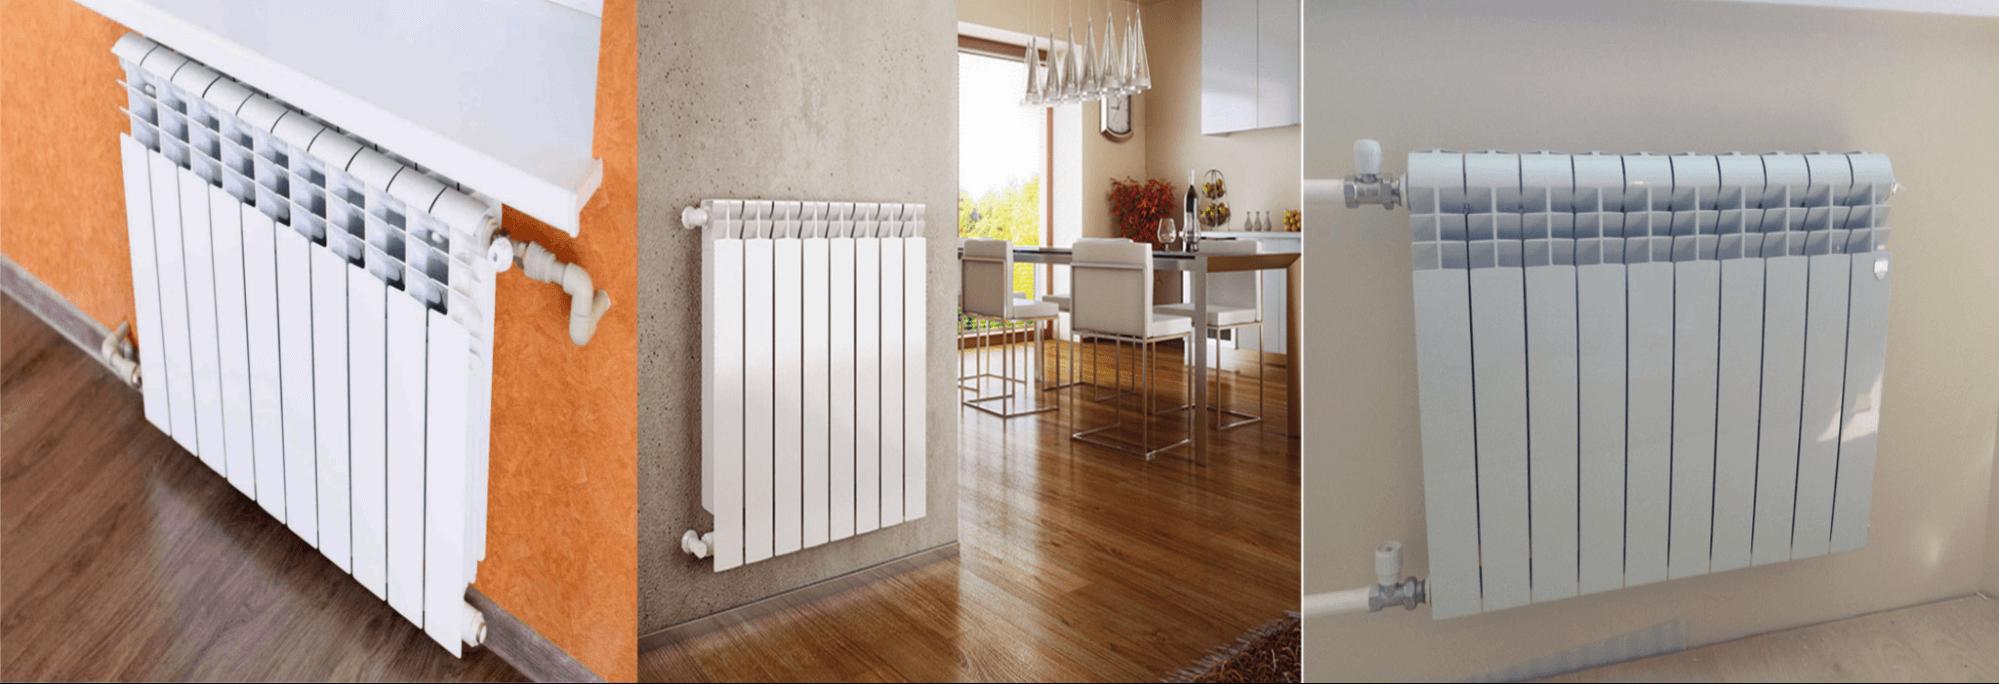 Какой радиатор лучше, алюминиевый или медный?